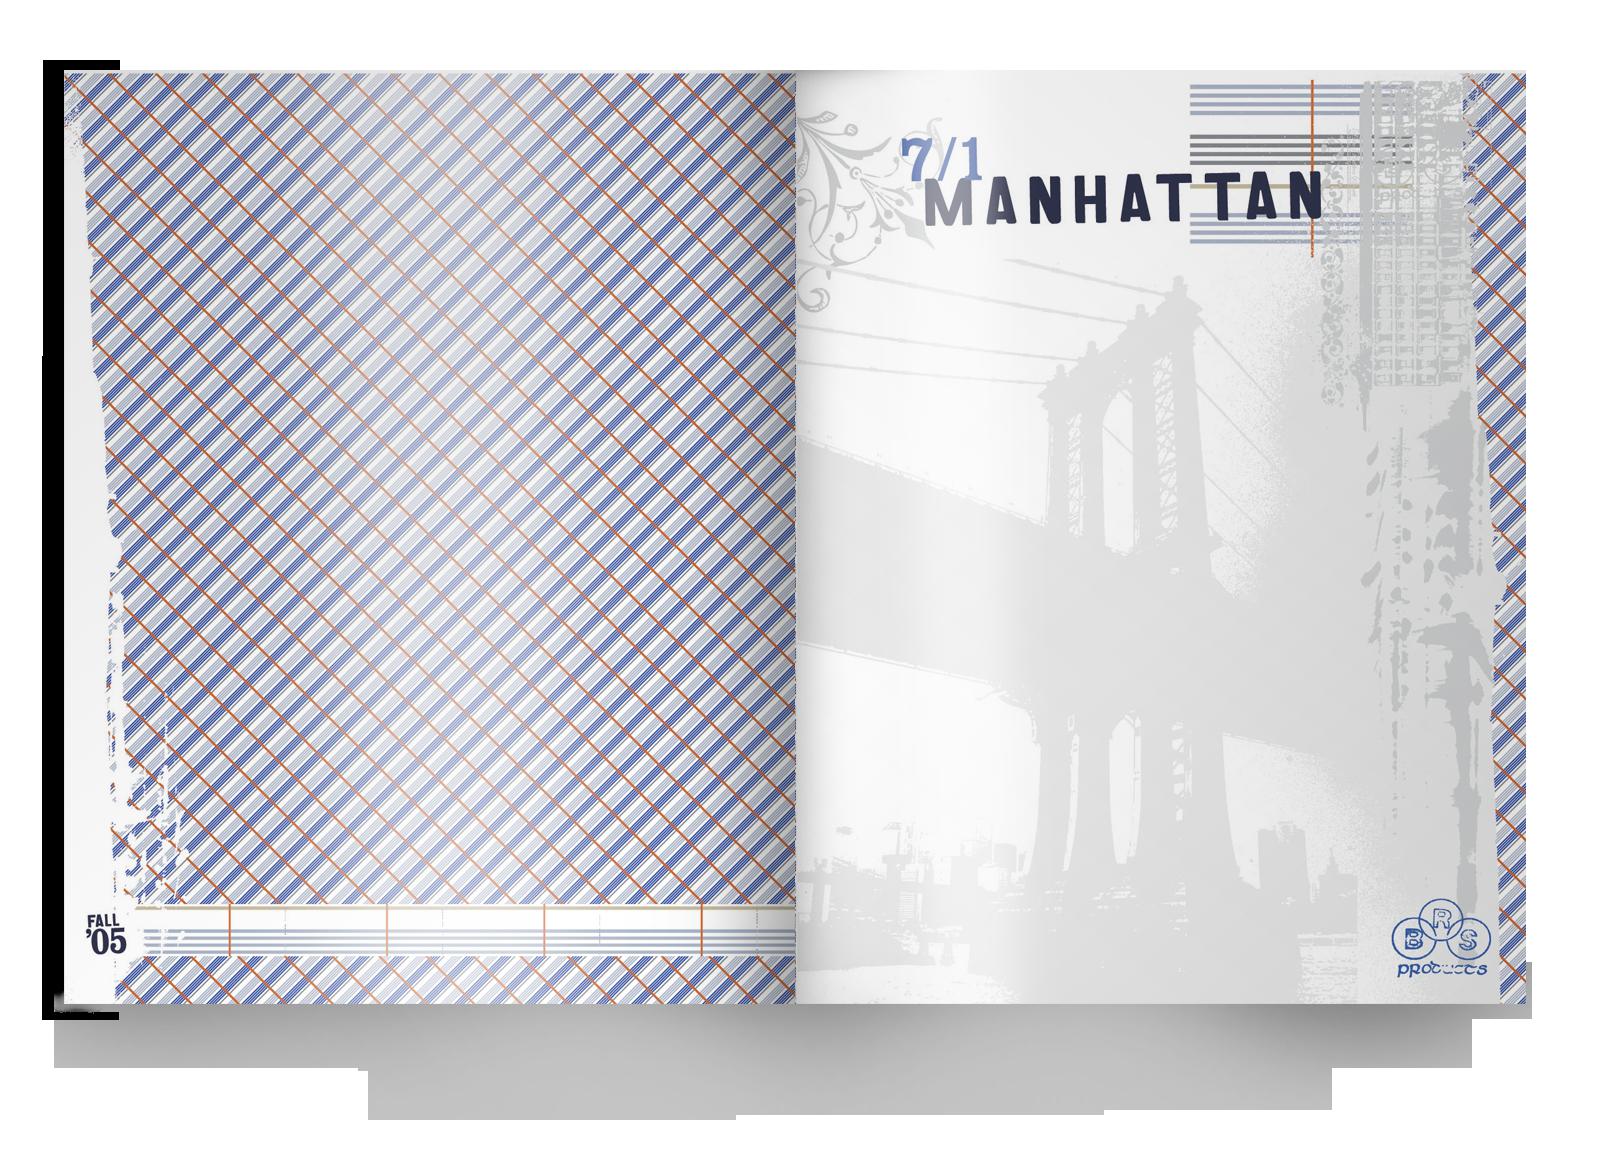 BRS_catalog_0001_manhattan-divider.png